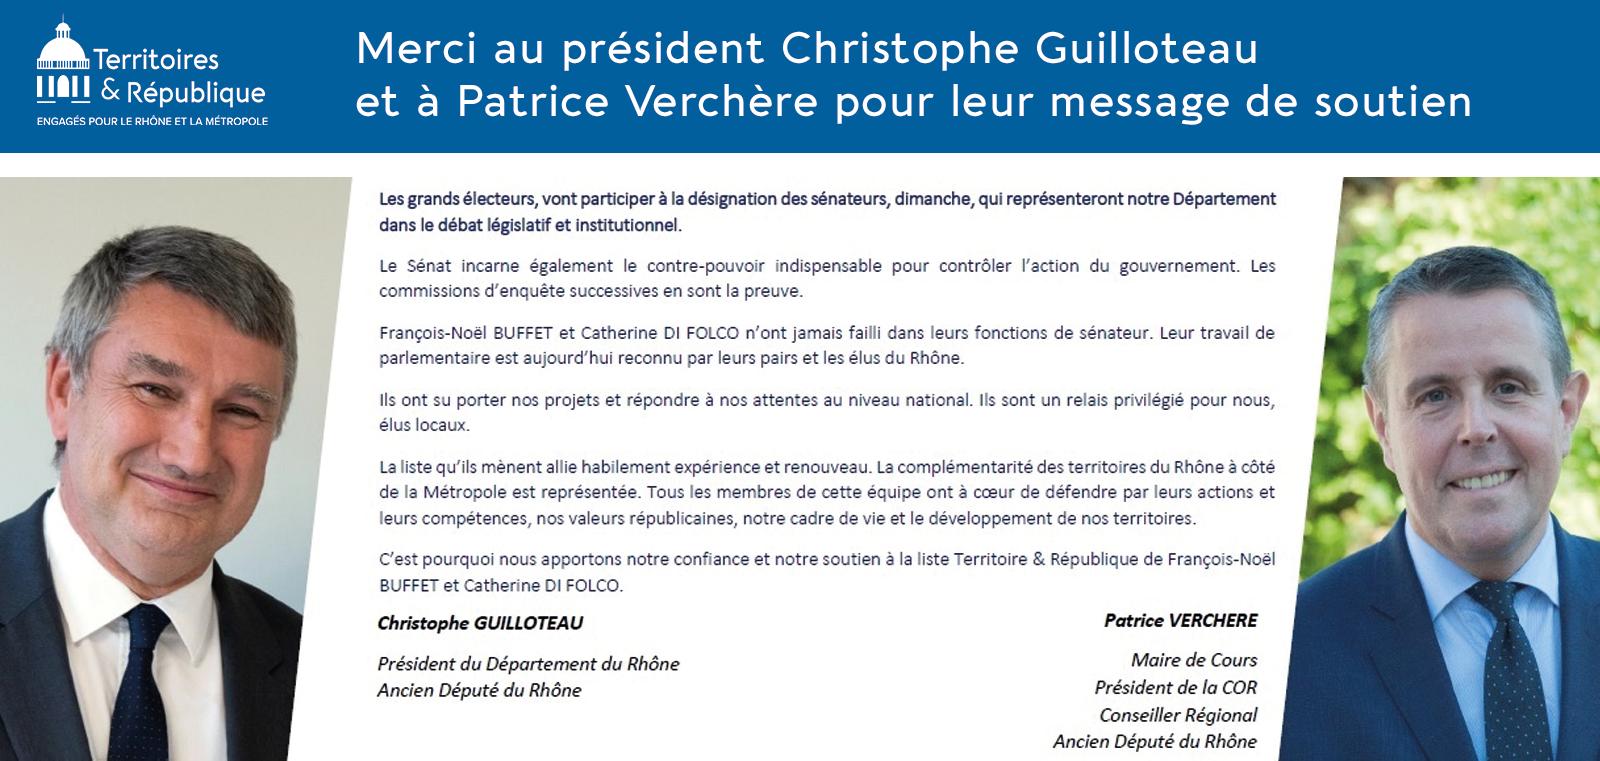 Soutien de christophe guilloteau et Patrice Verchère